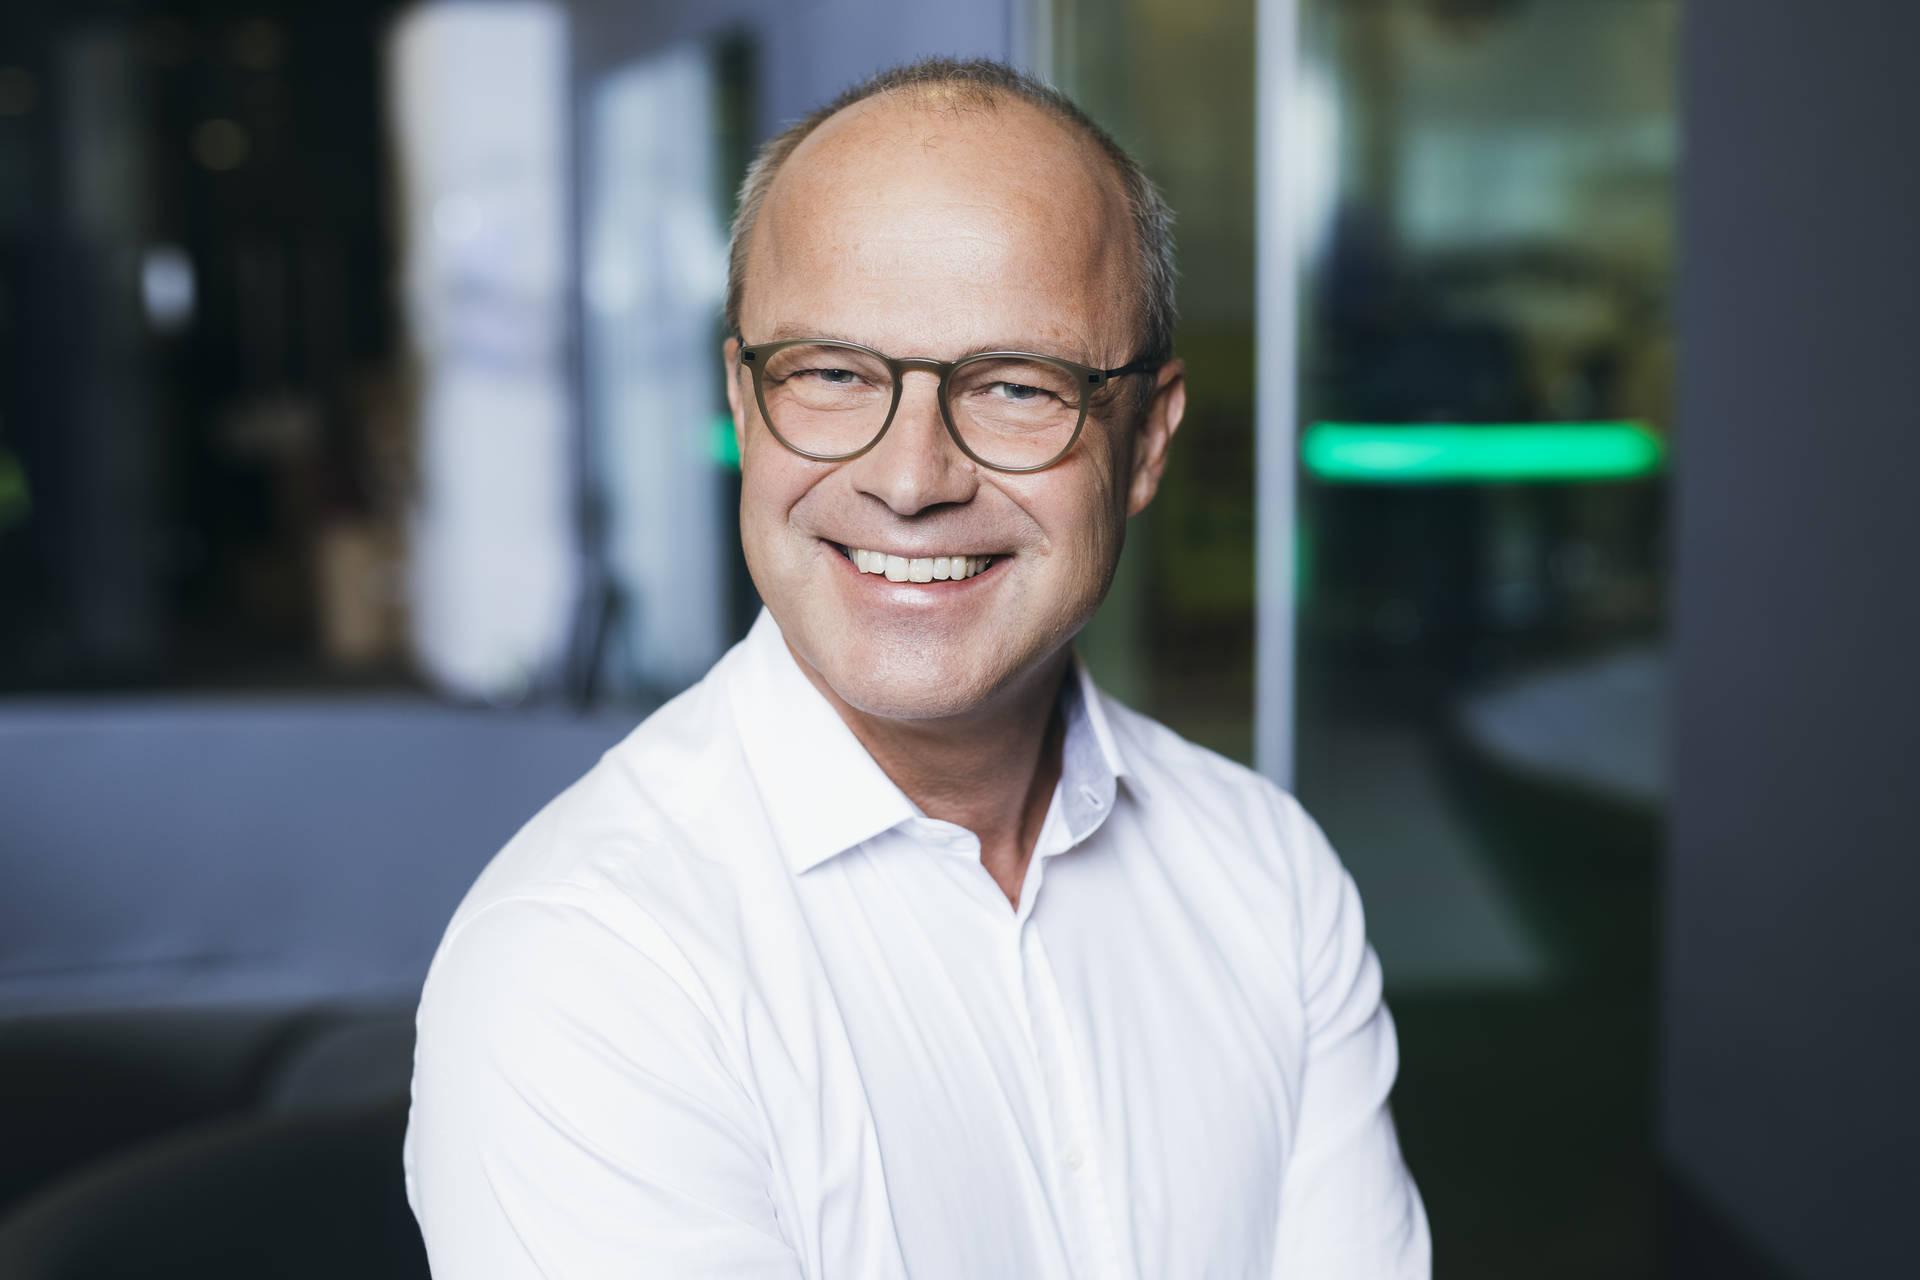 Markus Mair ist Vorstandsvorsitzender der Styria Media Group.